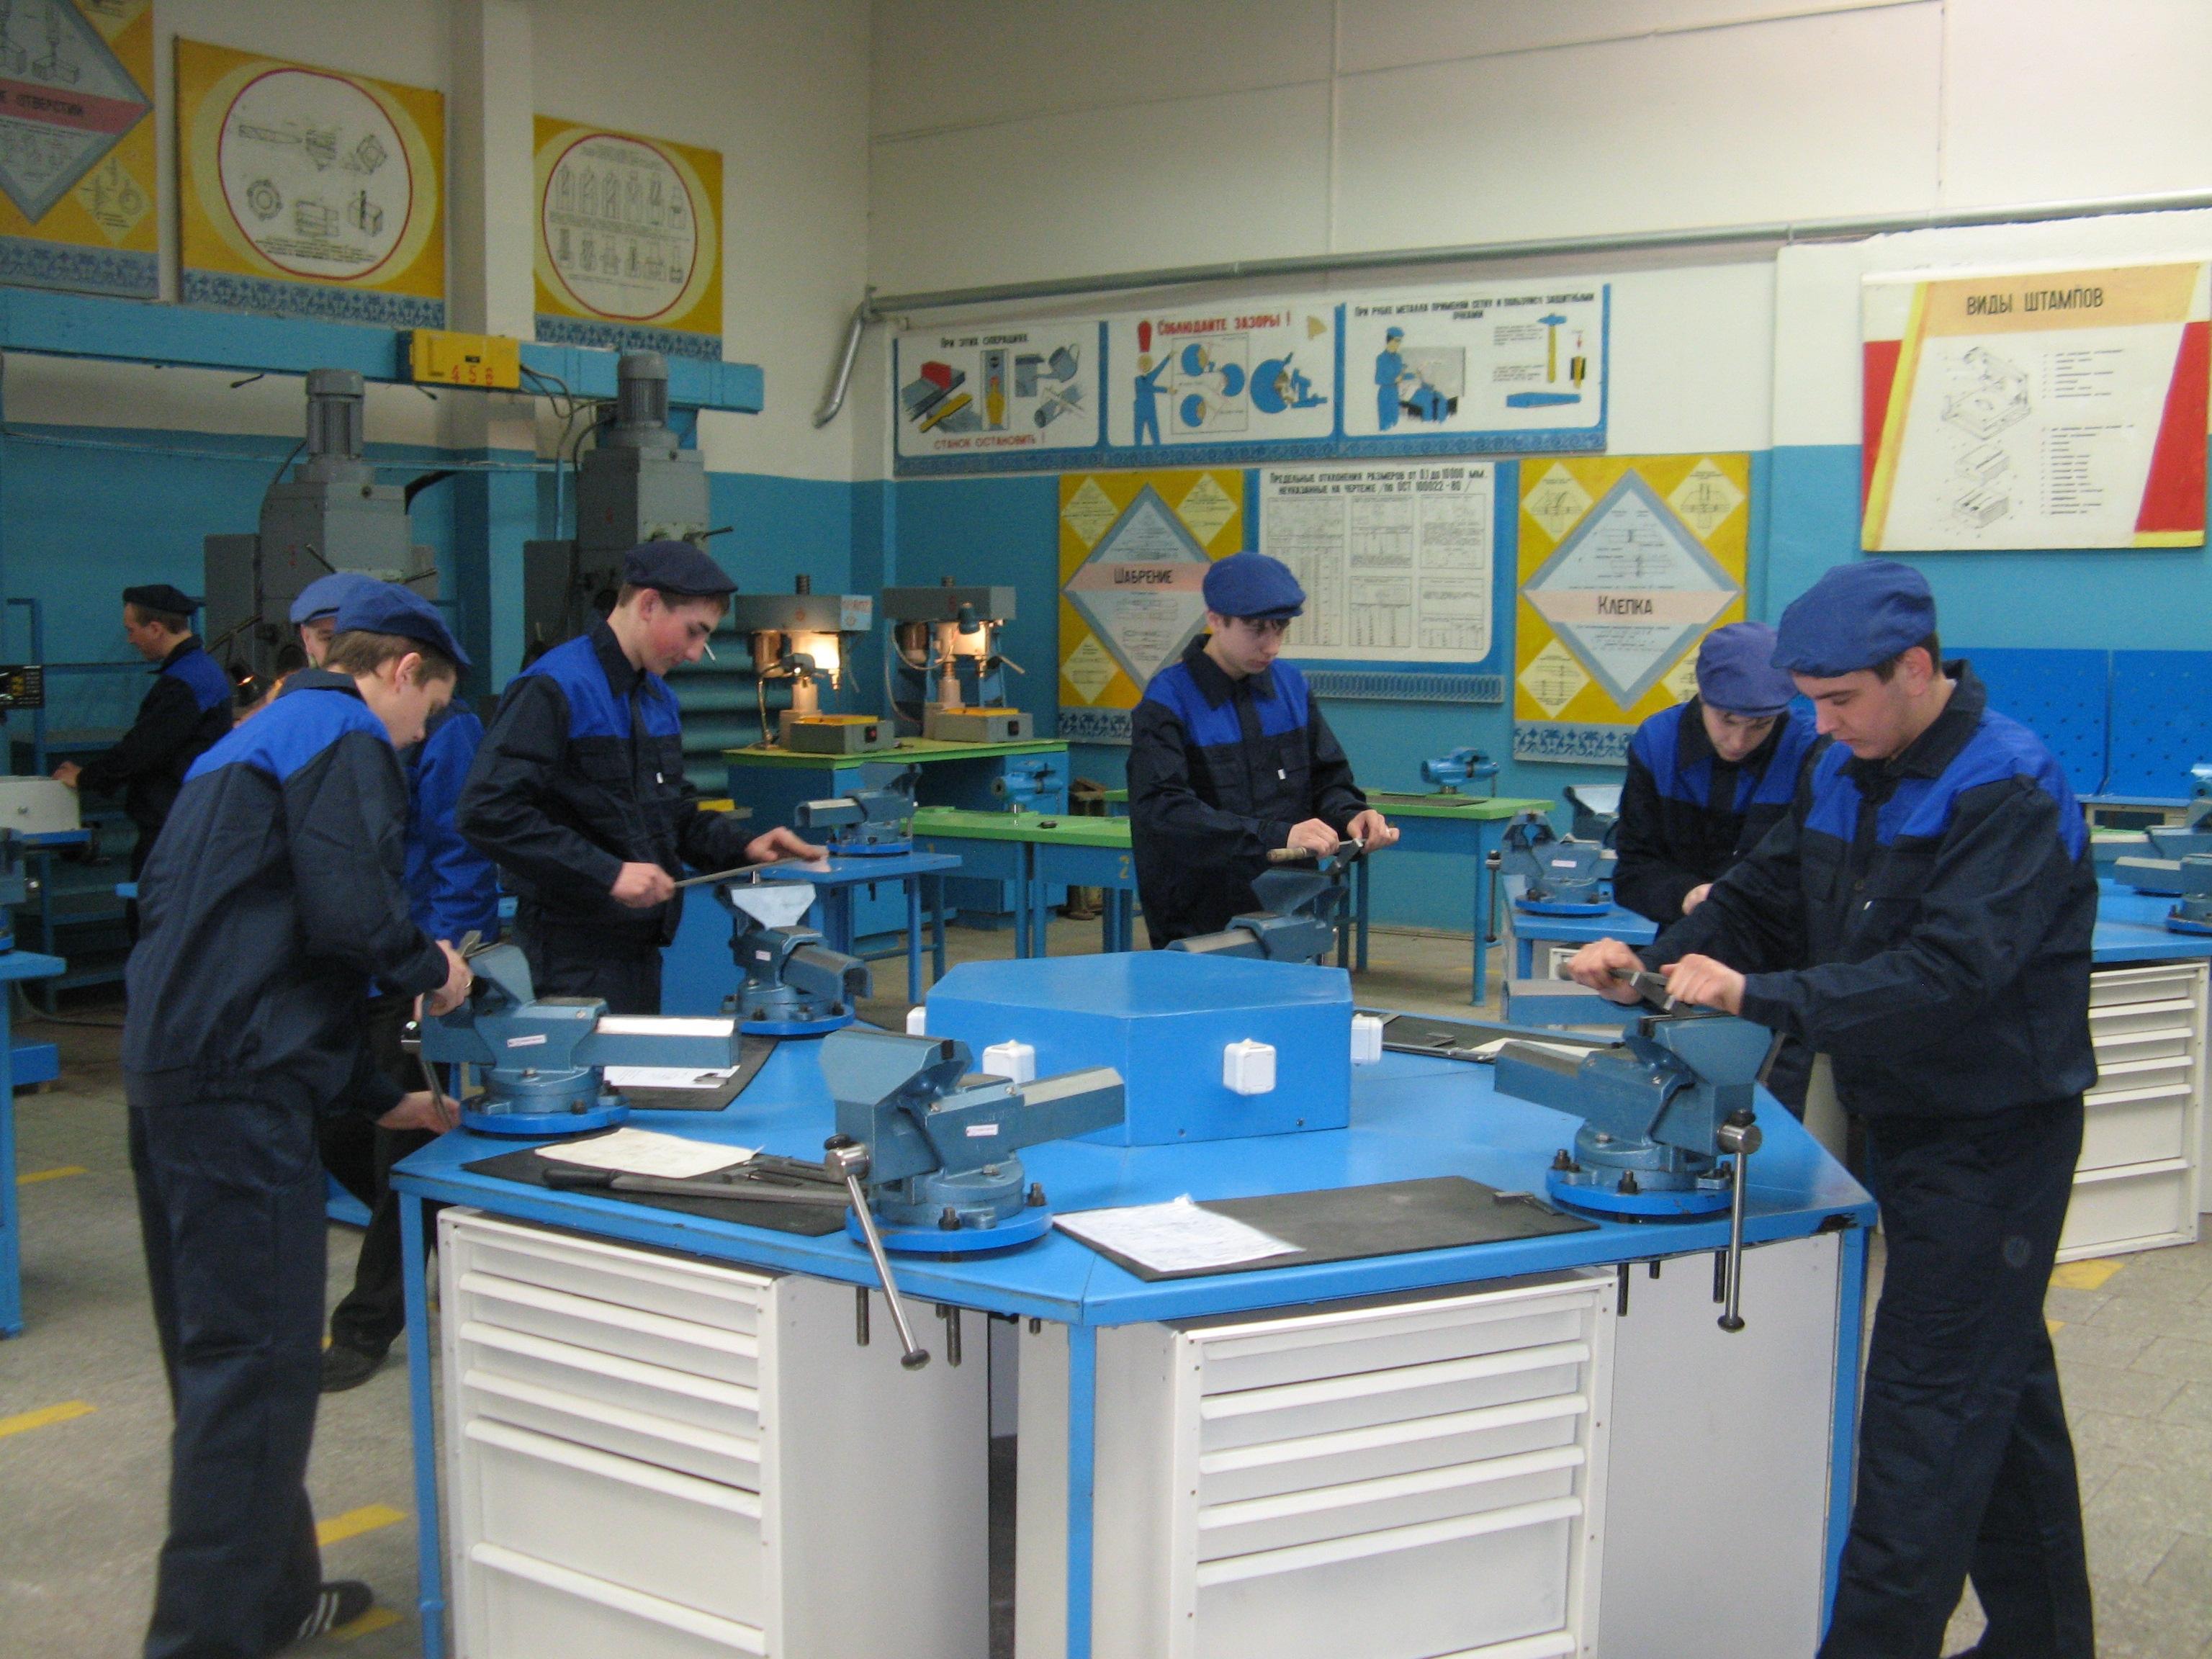 Что такое колледж, техникум, училище. виды профессионального образования в россии.